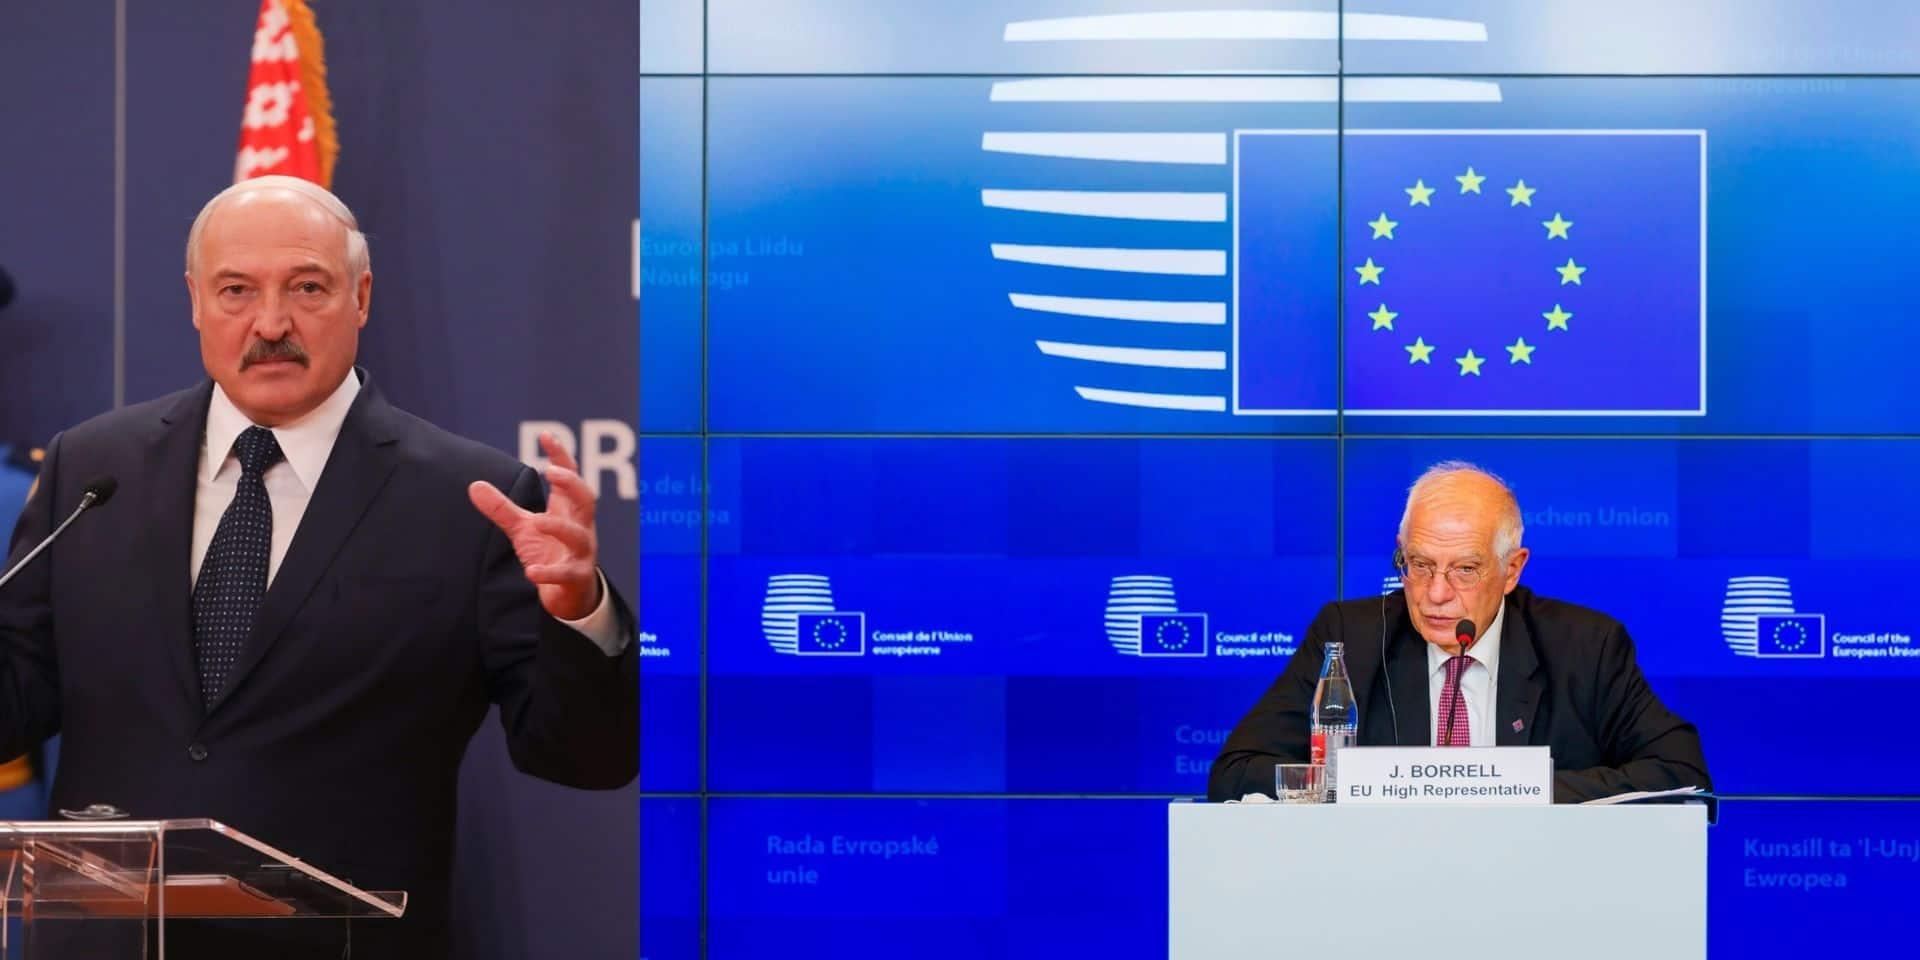 Biélorussie, affaire Navalny... l'UE multiplie les sanctions